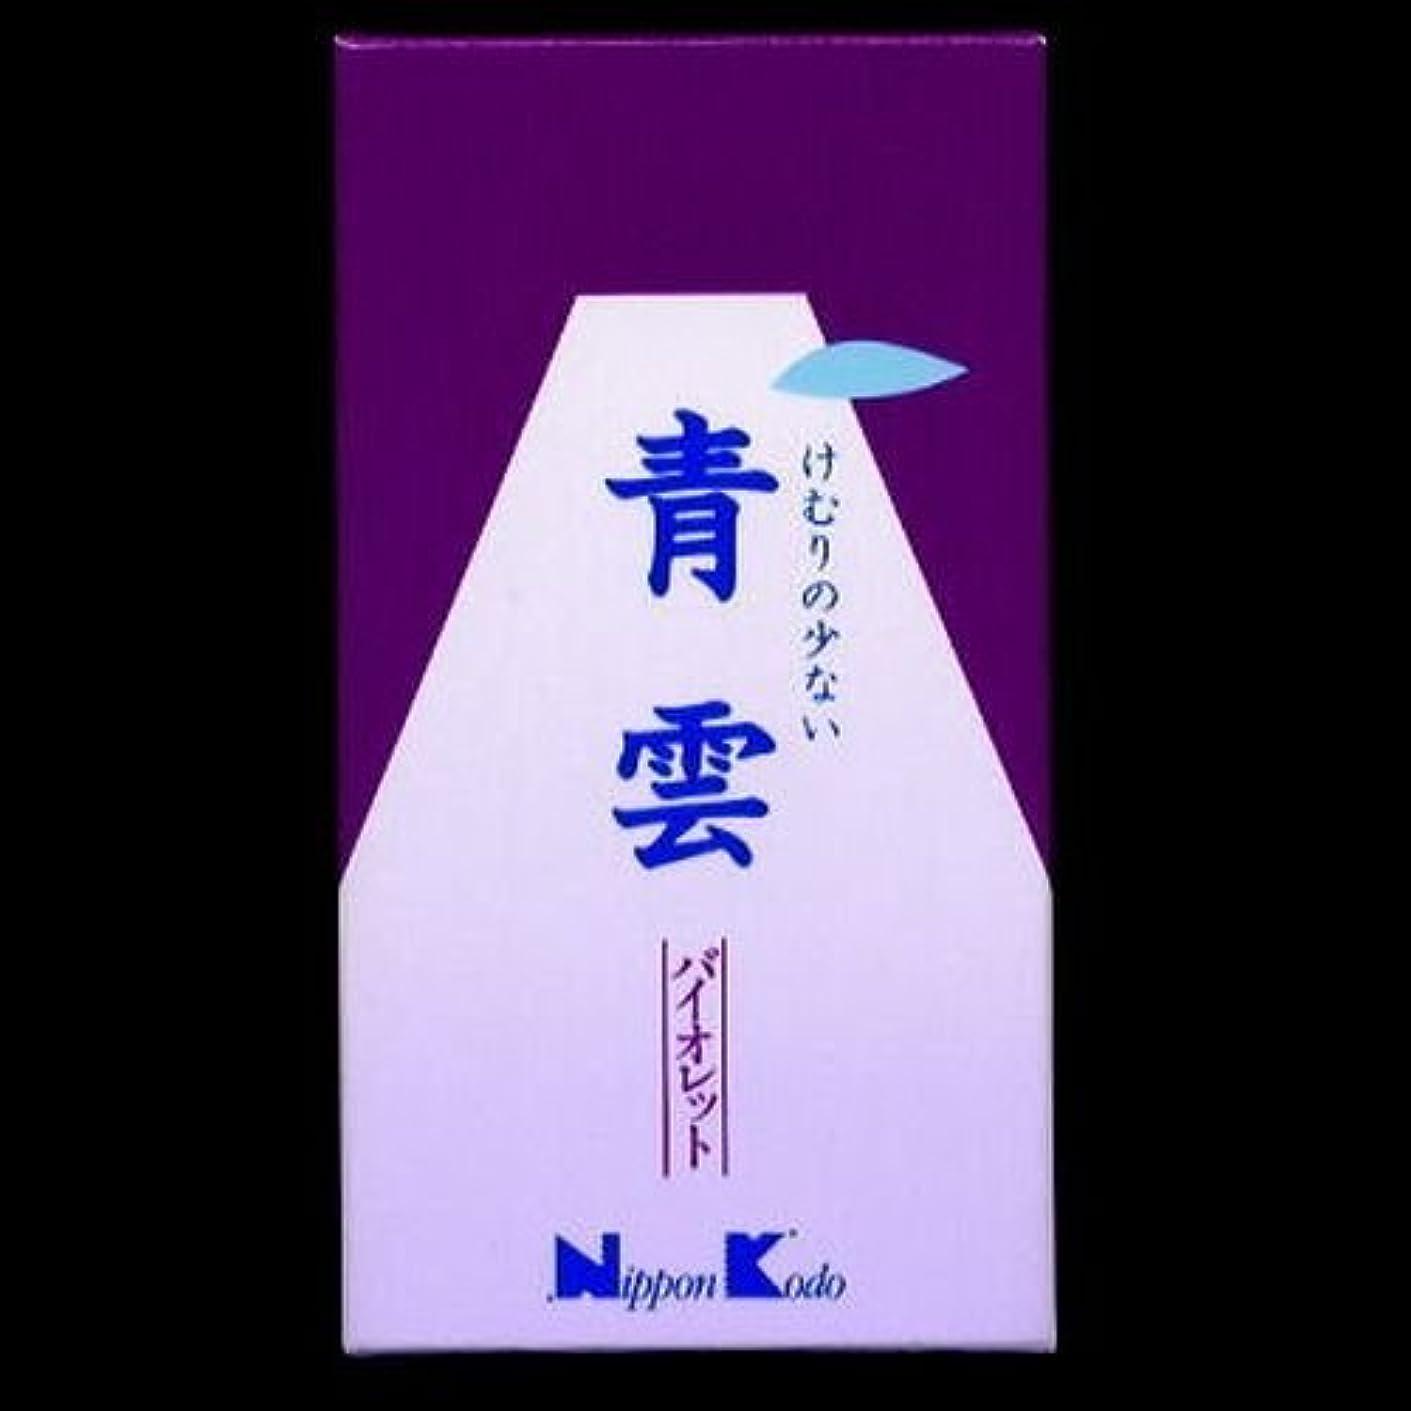 するだろうフレキシブル引っ張る【まとめ買い】青雲 バイオレット バラ詰 ×2セット